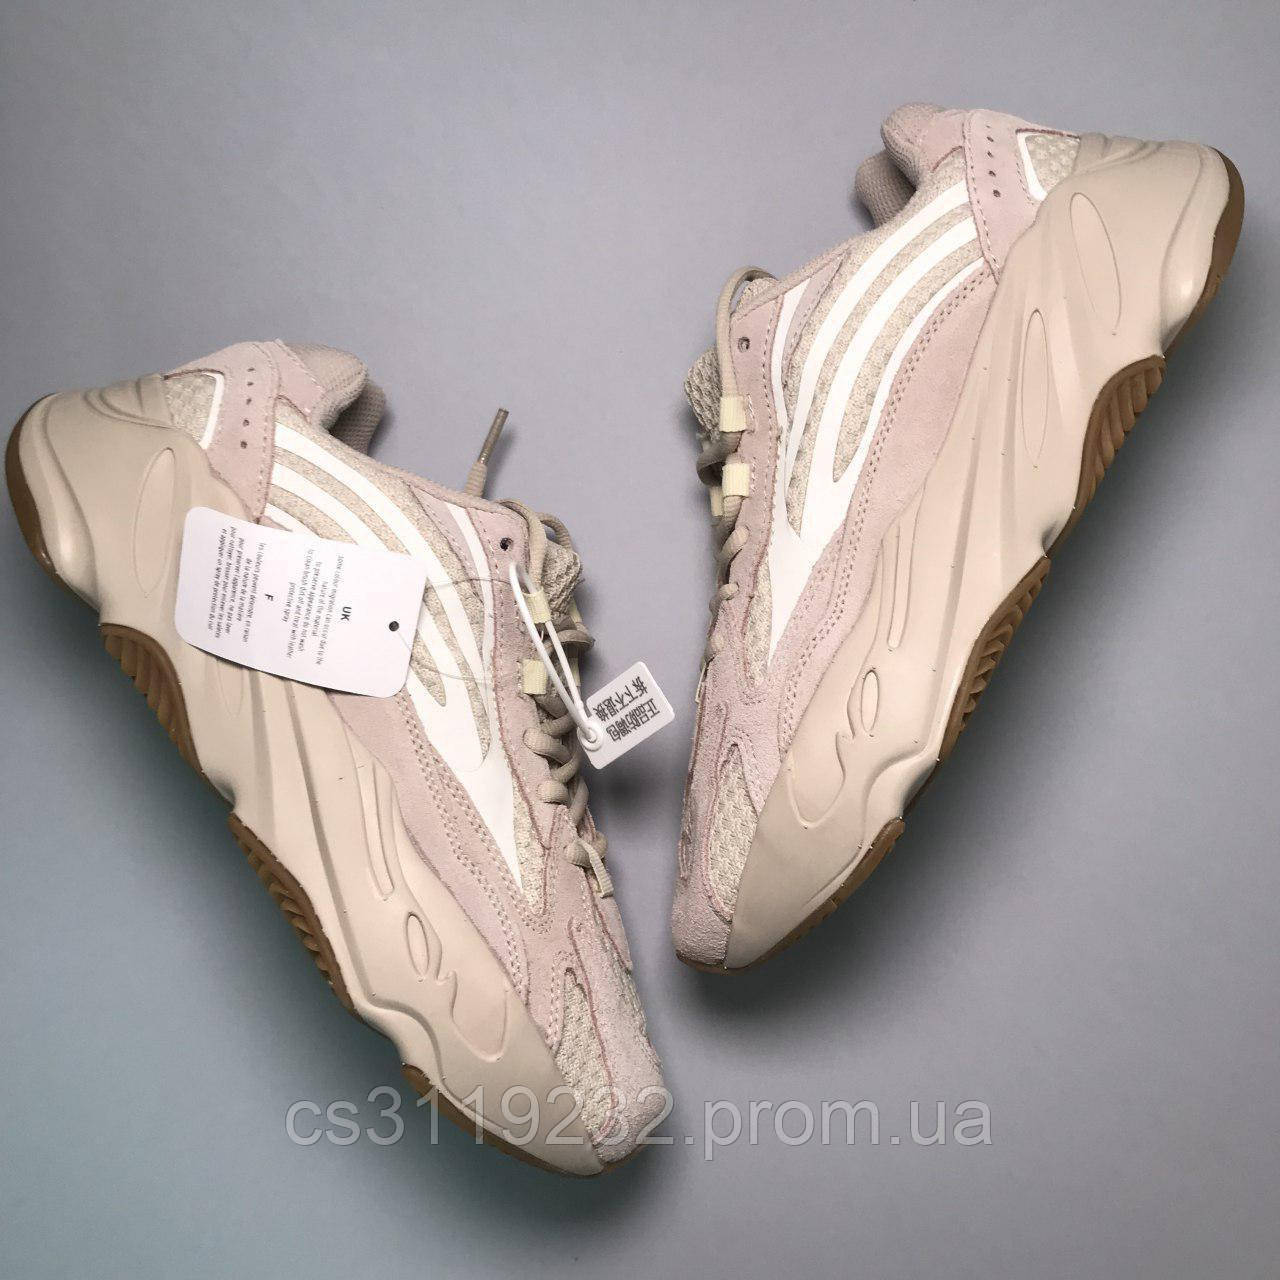 Чоловічі кросівки Adidas Yeezy Boost 700 Analog Beige Reflective (бежеві)